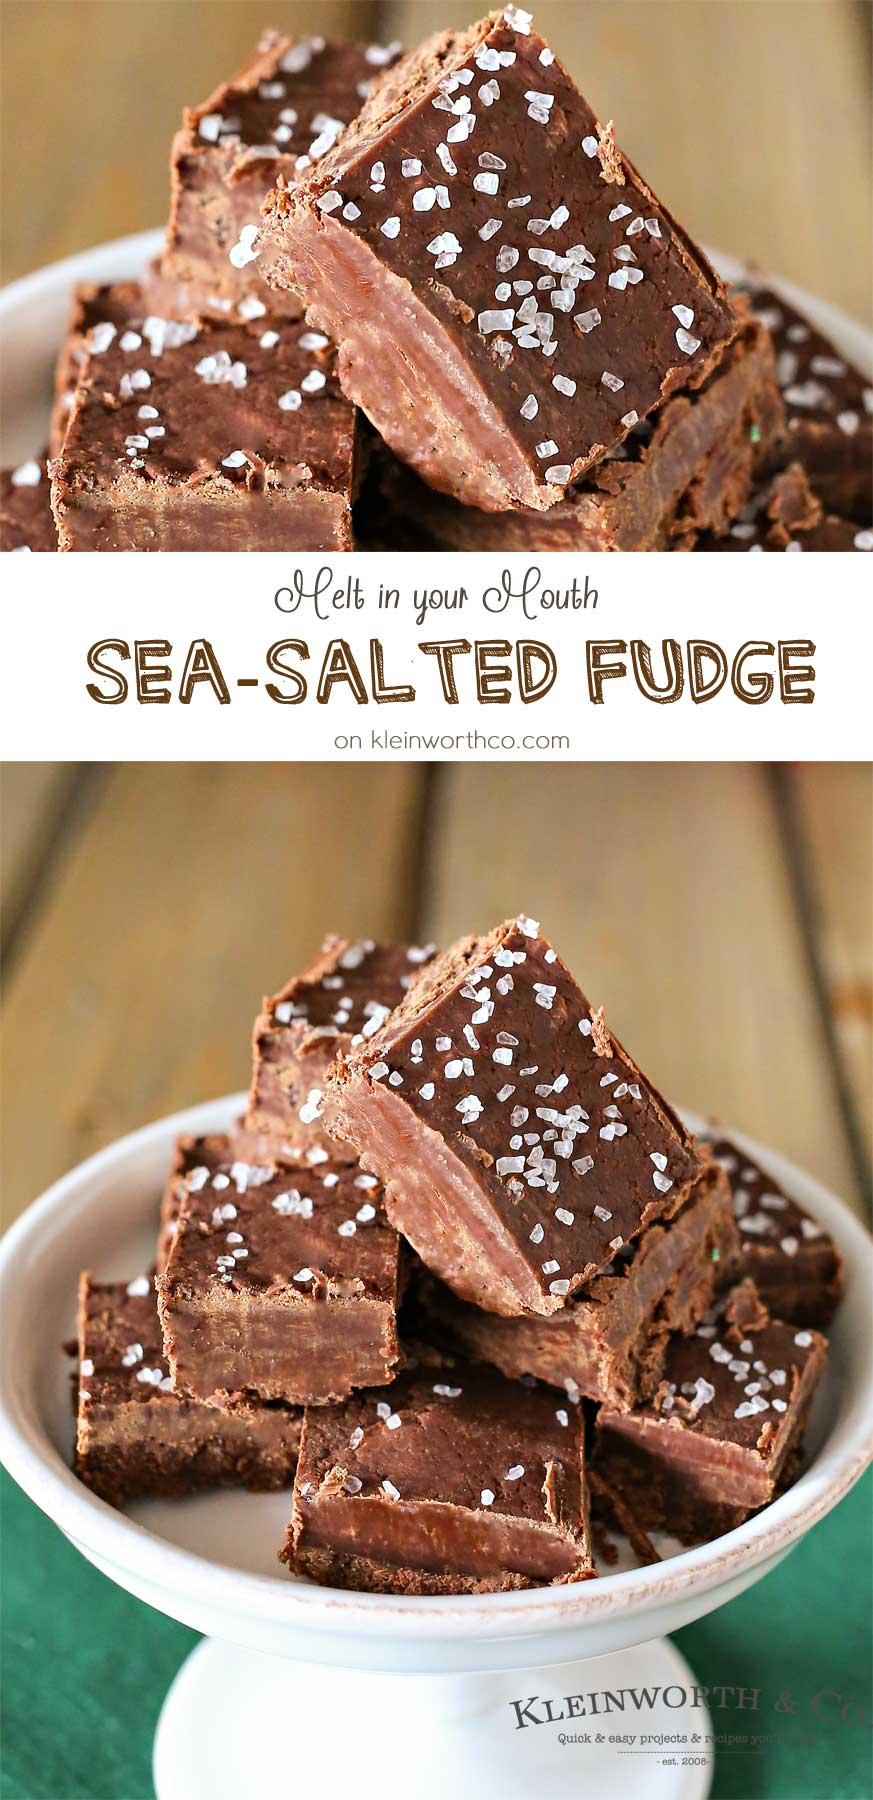 Sea-Salted Fudge